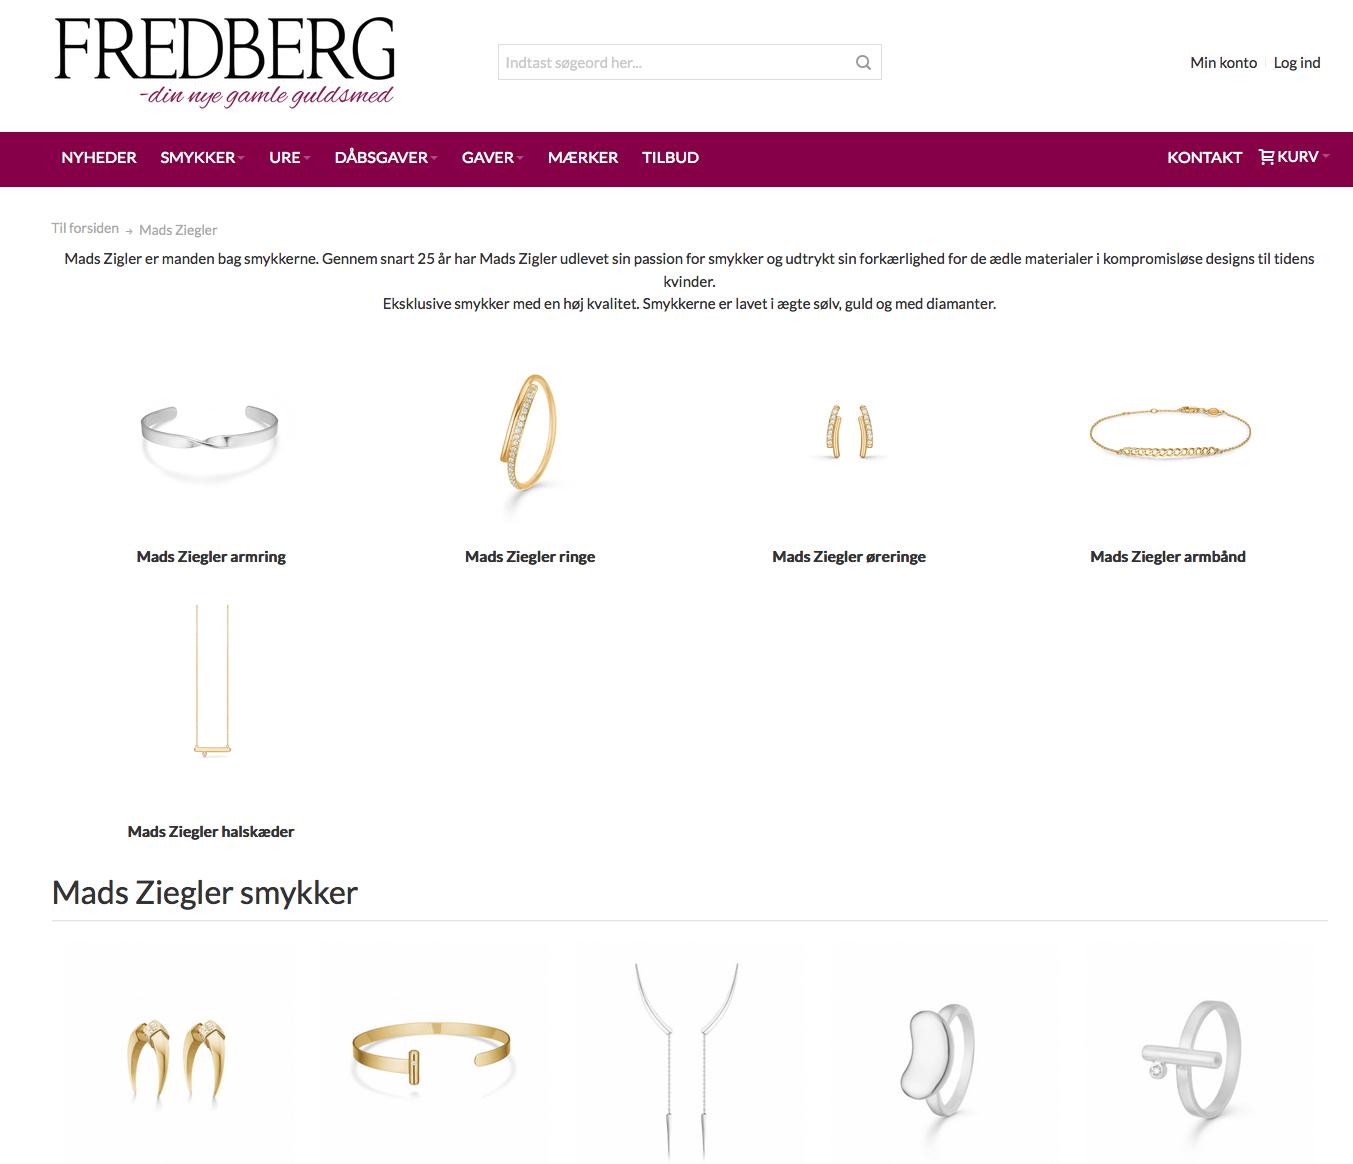 fredberg smykker